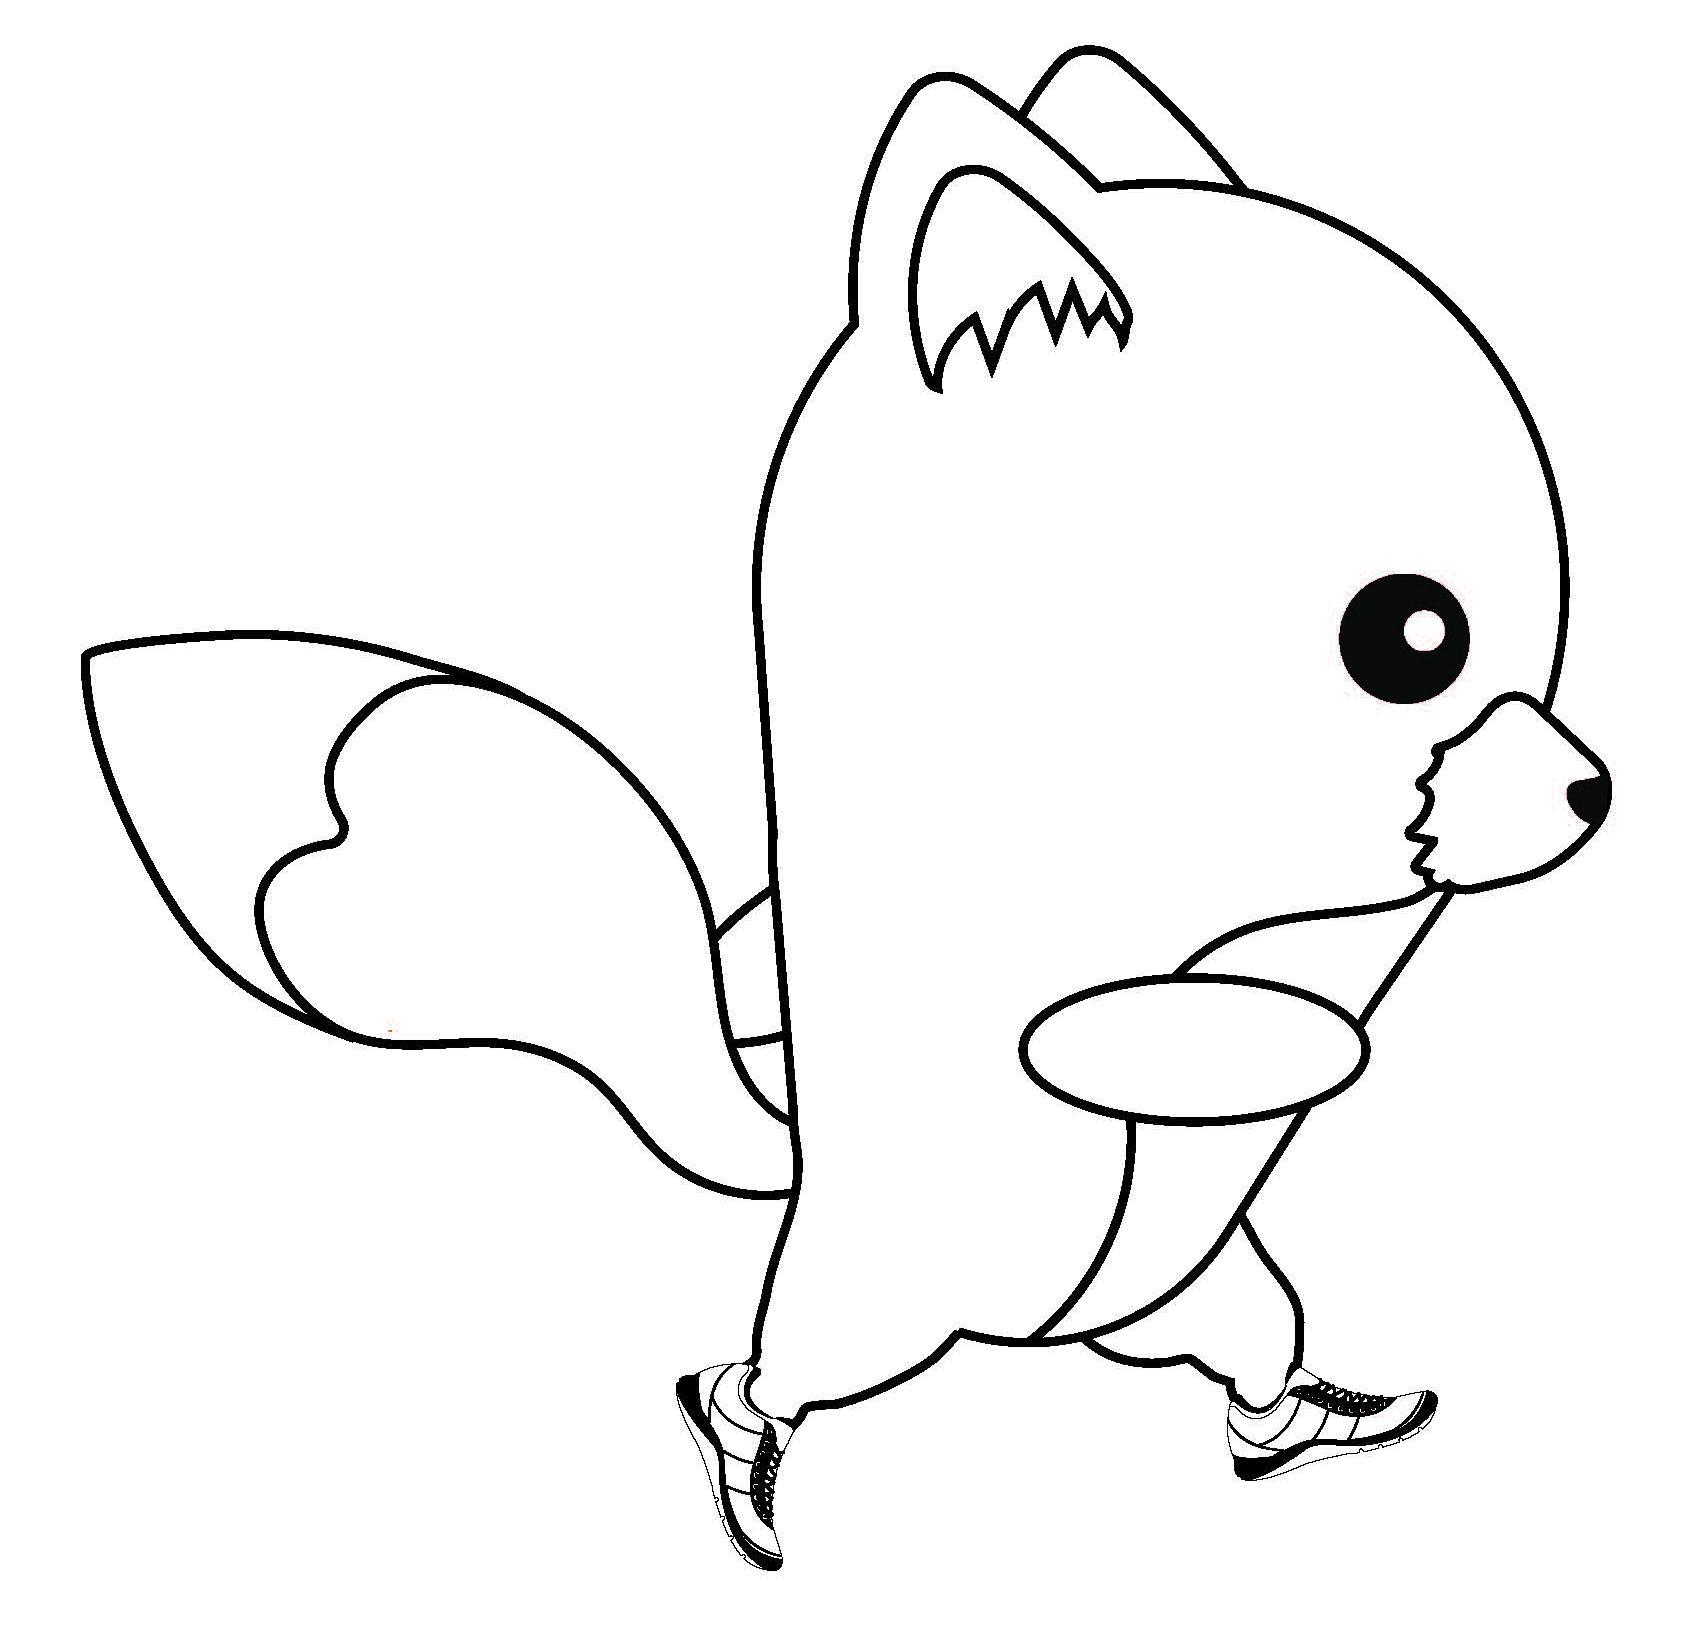 Tranh con cáo hoạt hình dễ thương tô màu